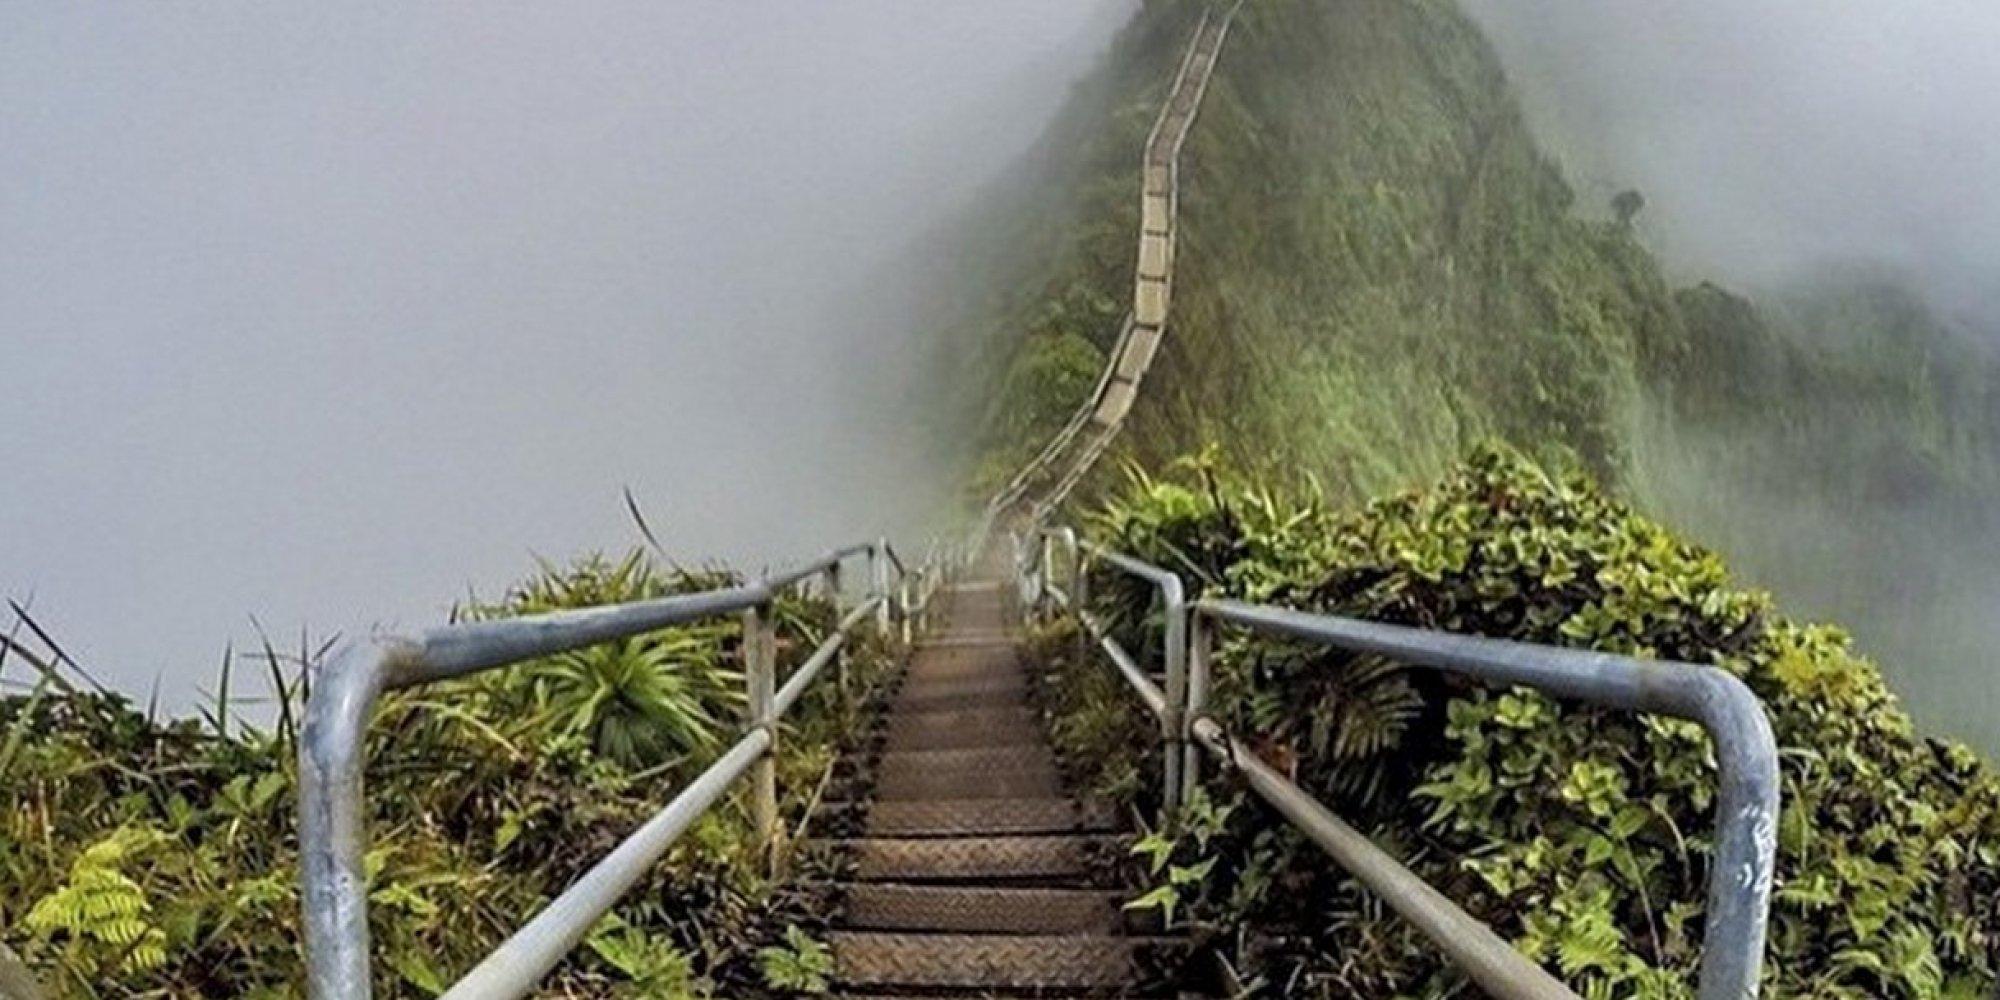 Pua steps